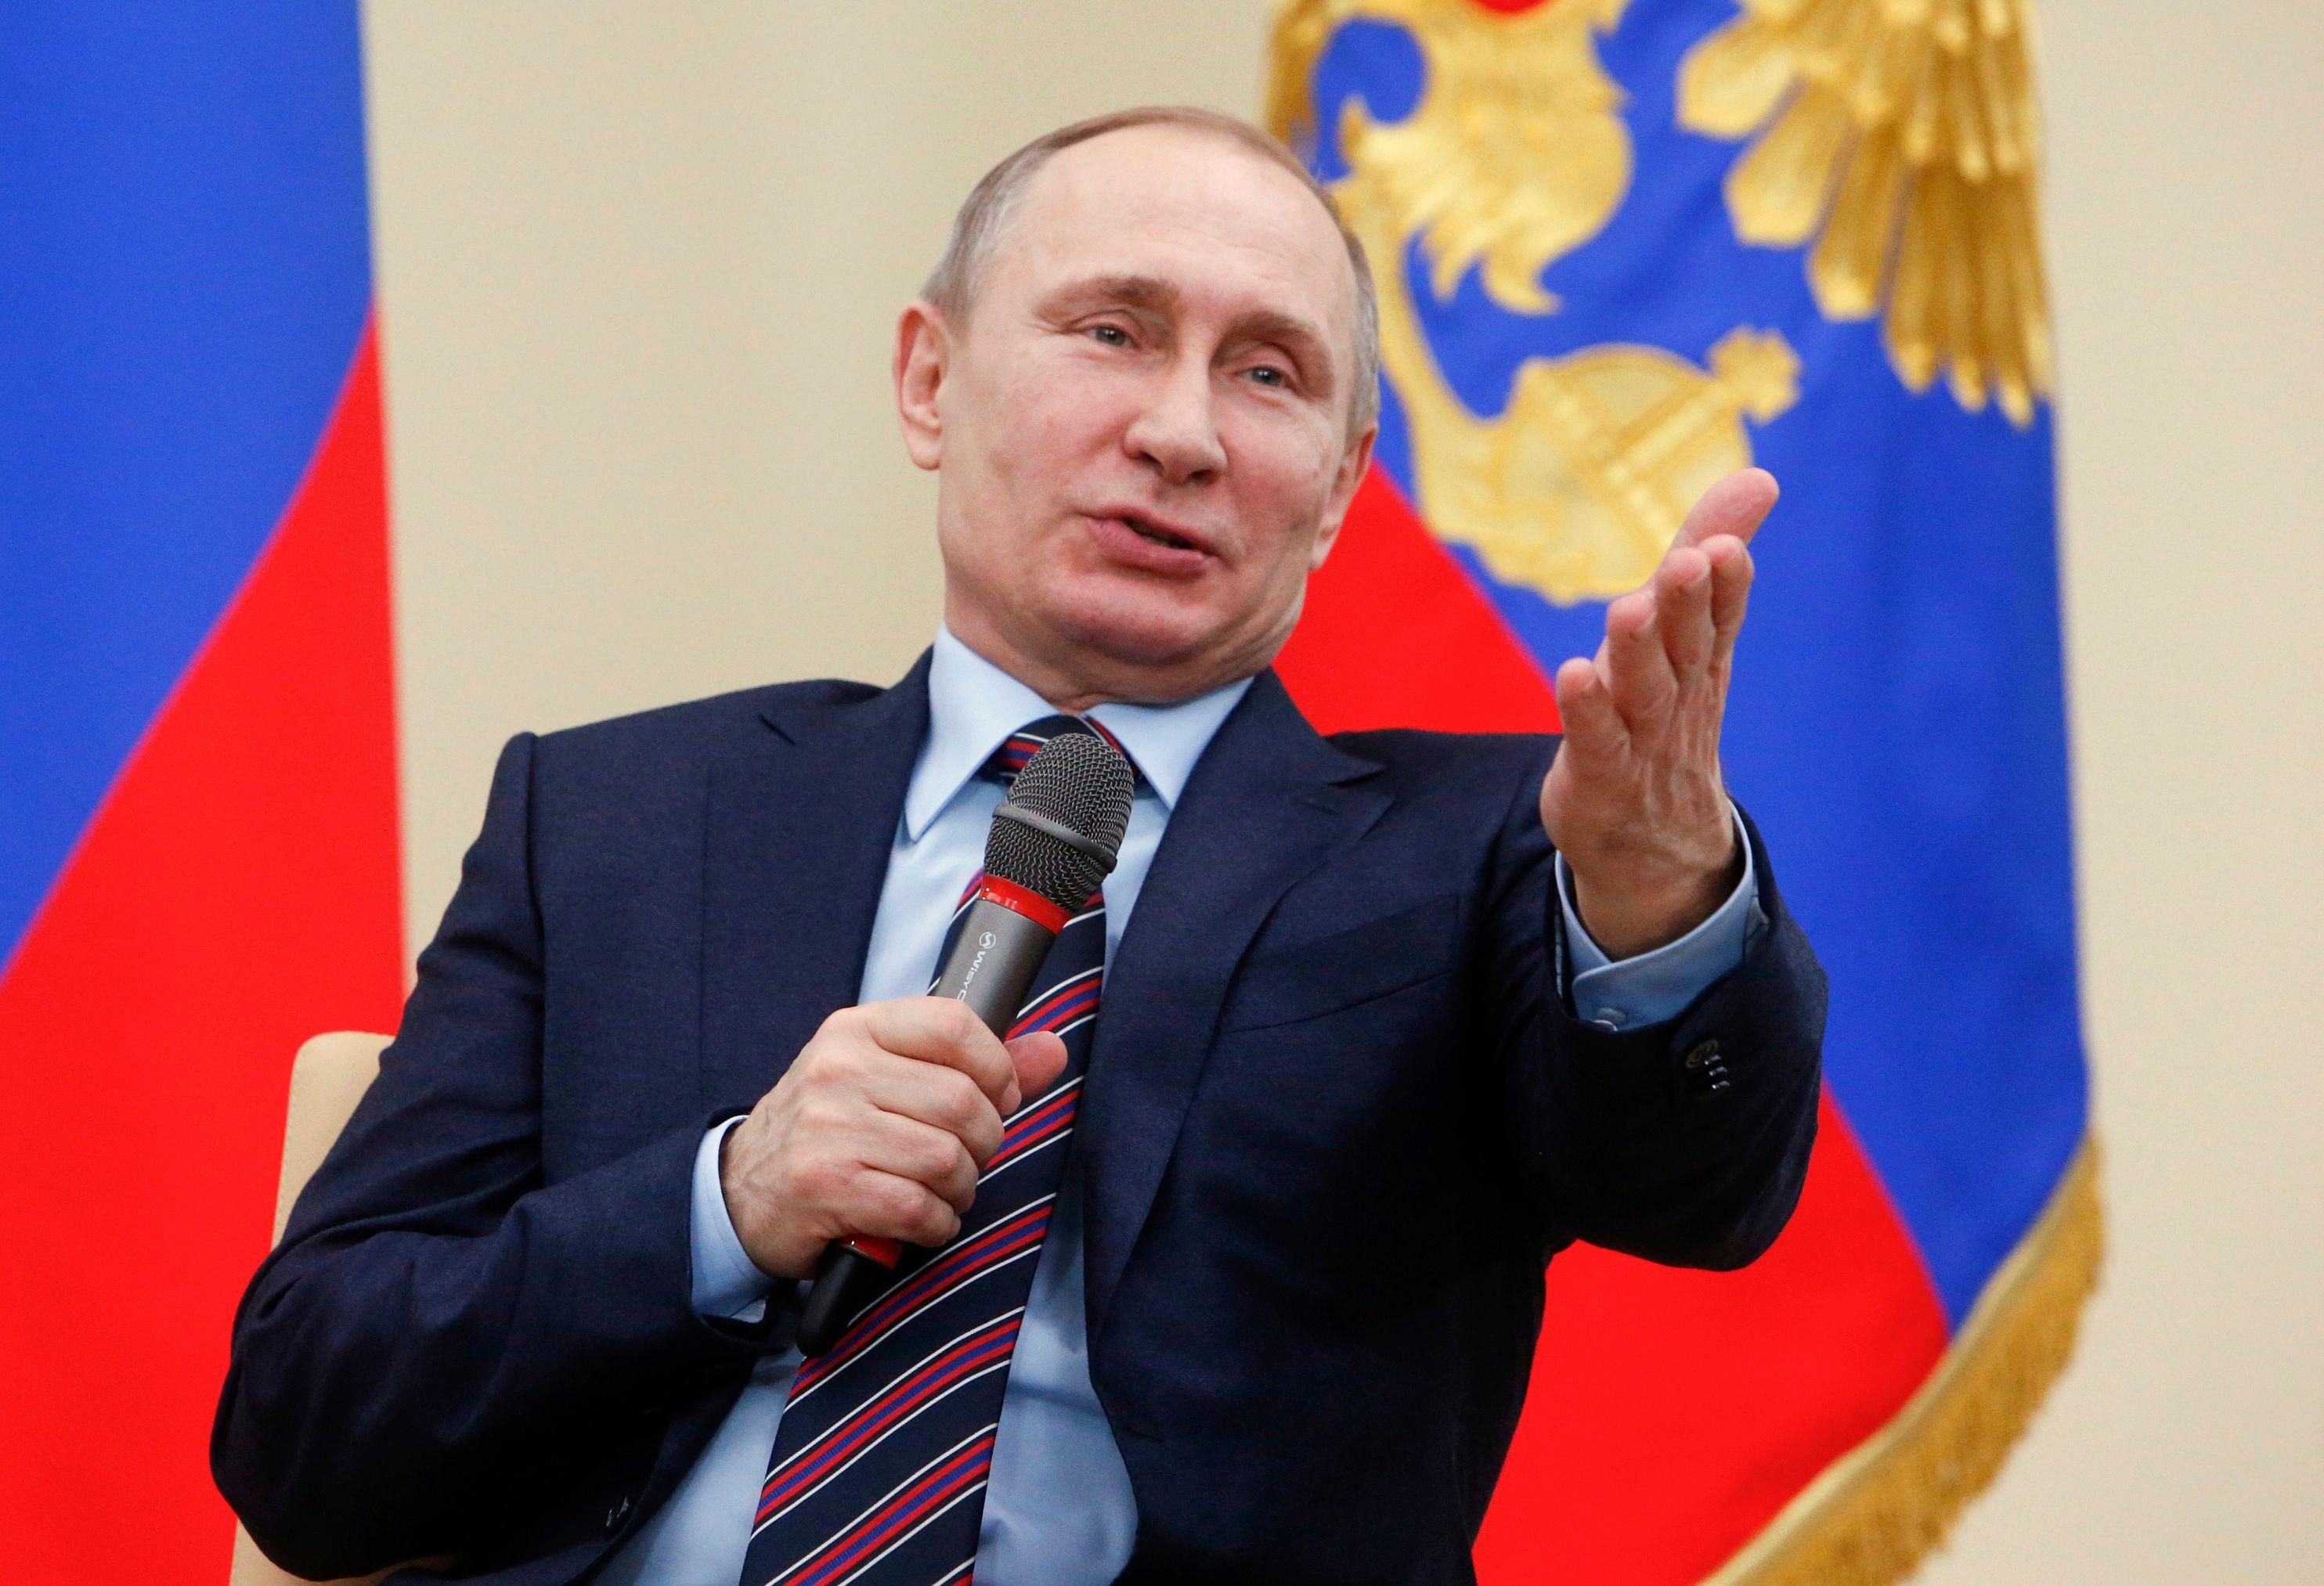 Les dirigeants européens et Barack Obama souhaitent maintenir les sanctions contre la Russie